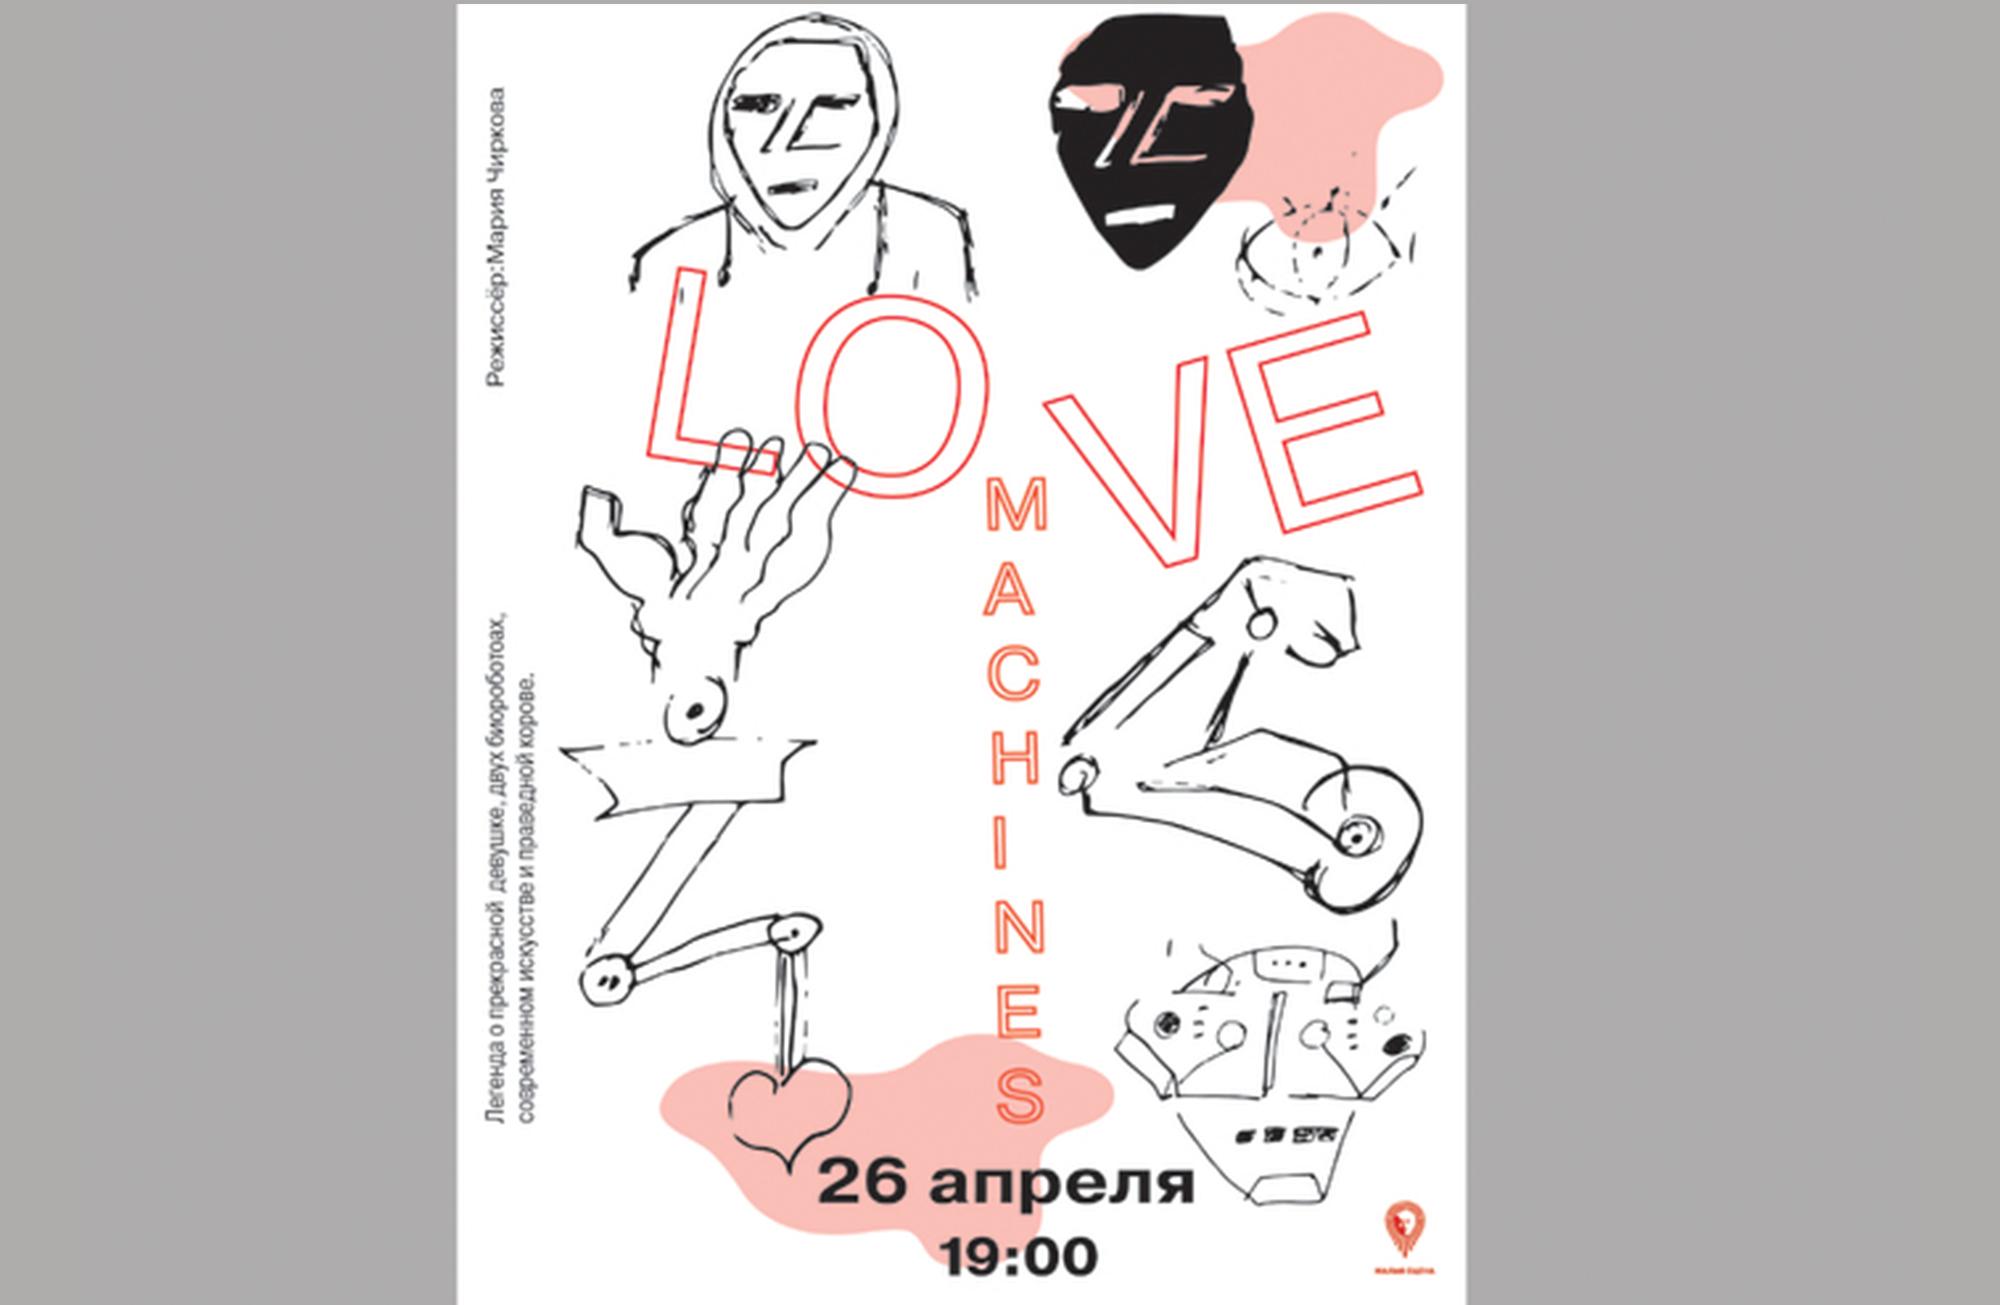 Плакаты выпускницы Школы дизайна вошли вшорт-лист Международного конкурса вобласти дизайна